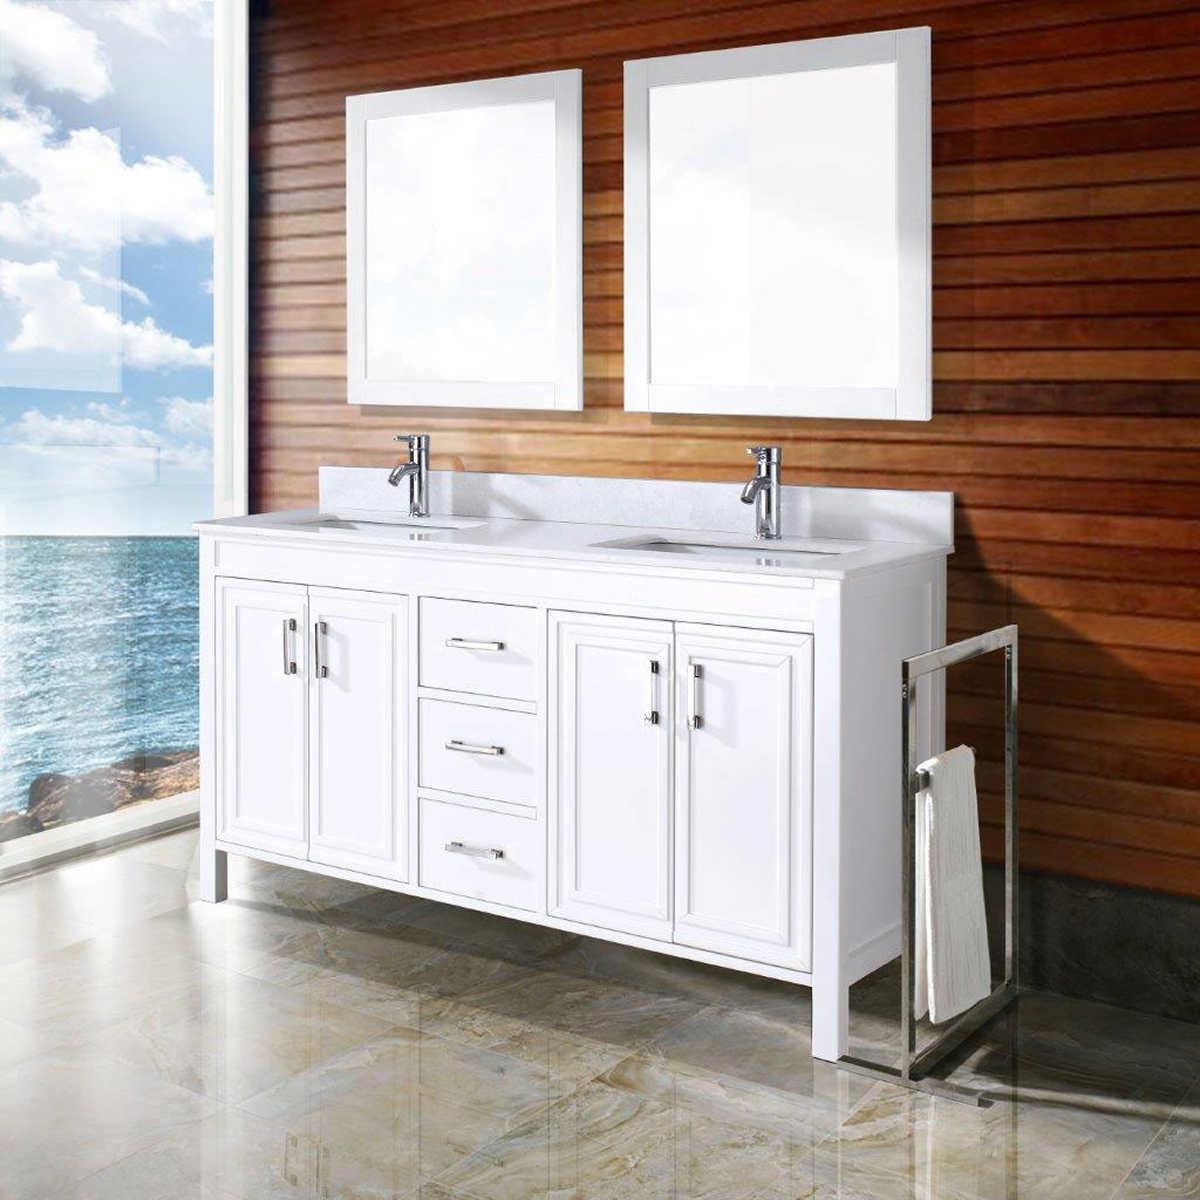 60 Inch Off White Bathroom Vanity double sink vanities | costco